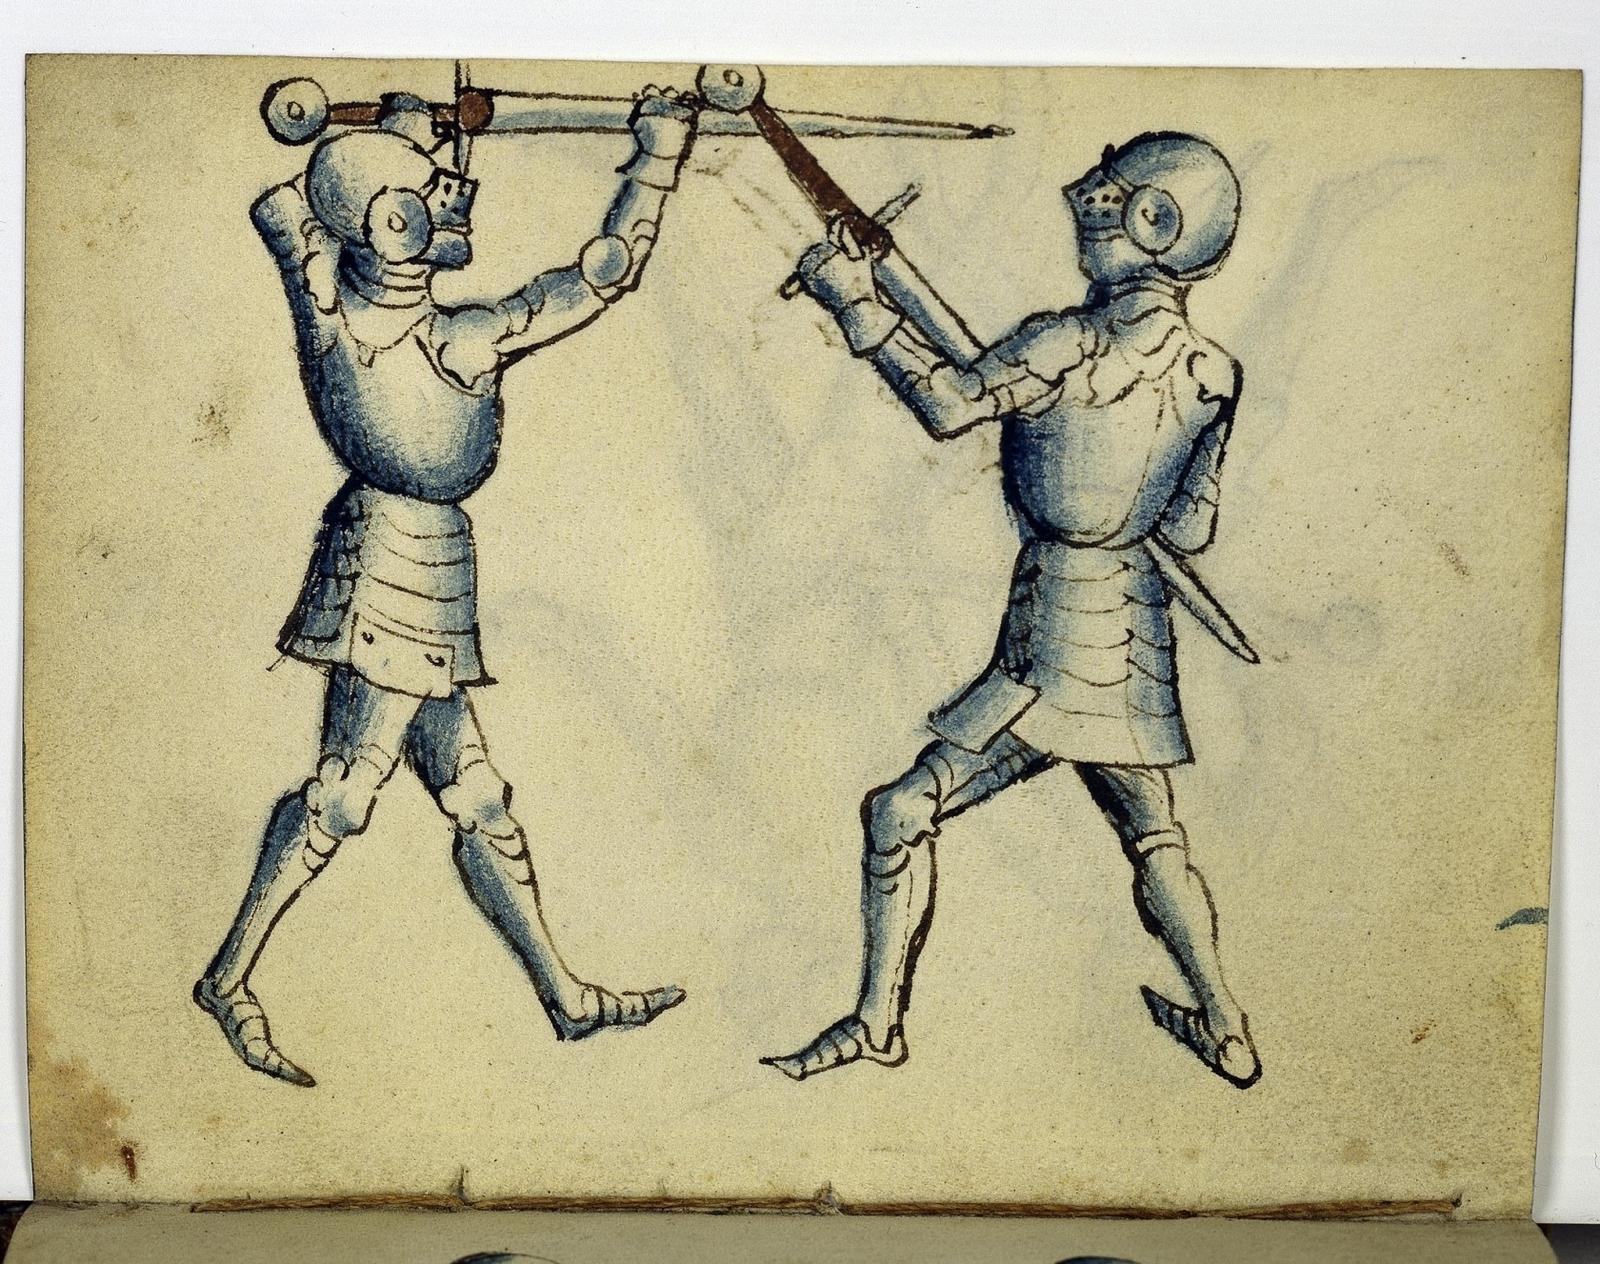 Cod. 11093, fol. 7v: Fecht - und Ringbuch